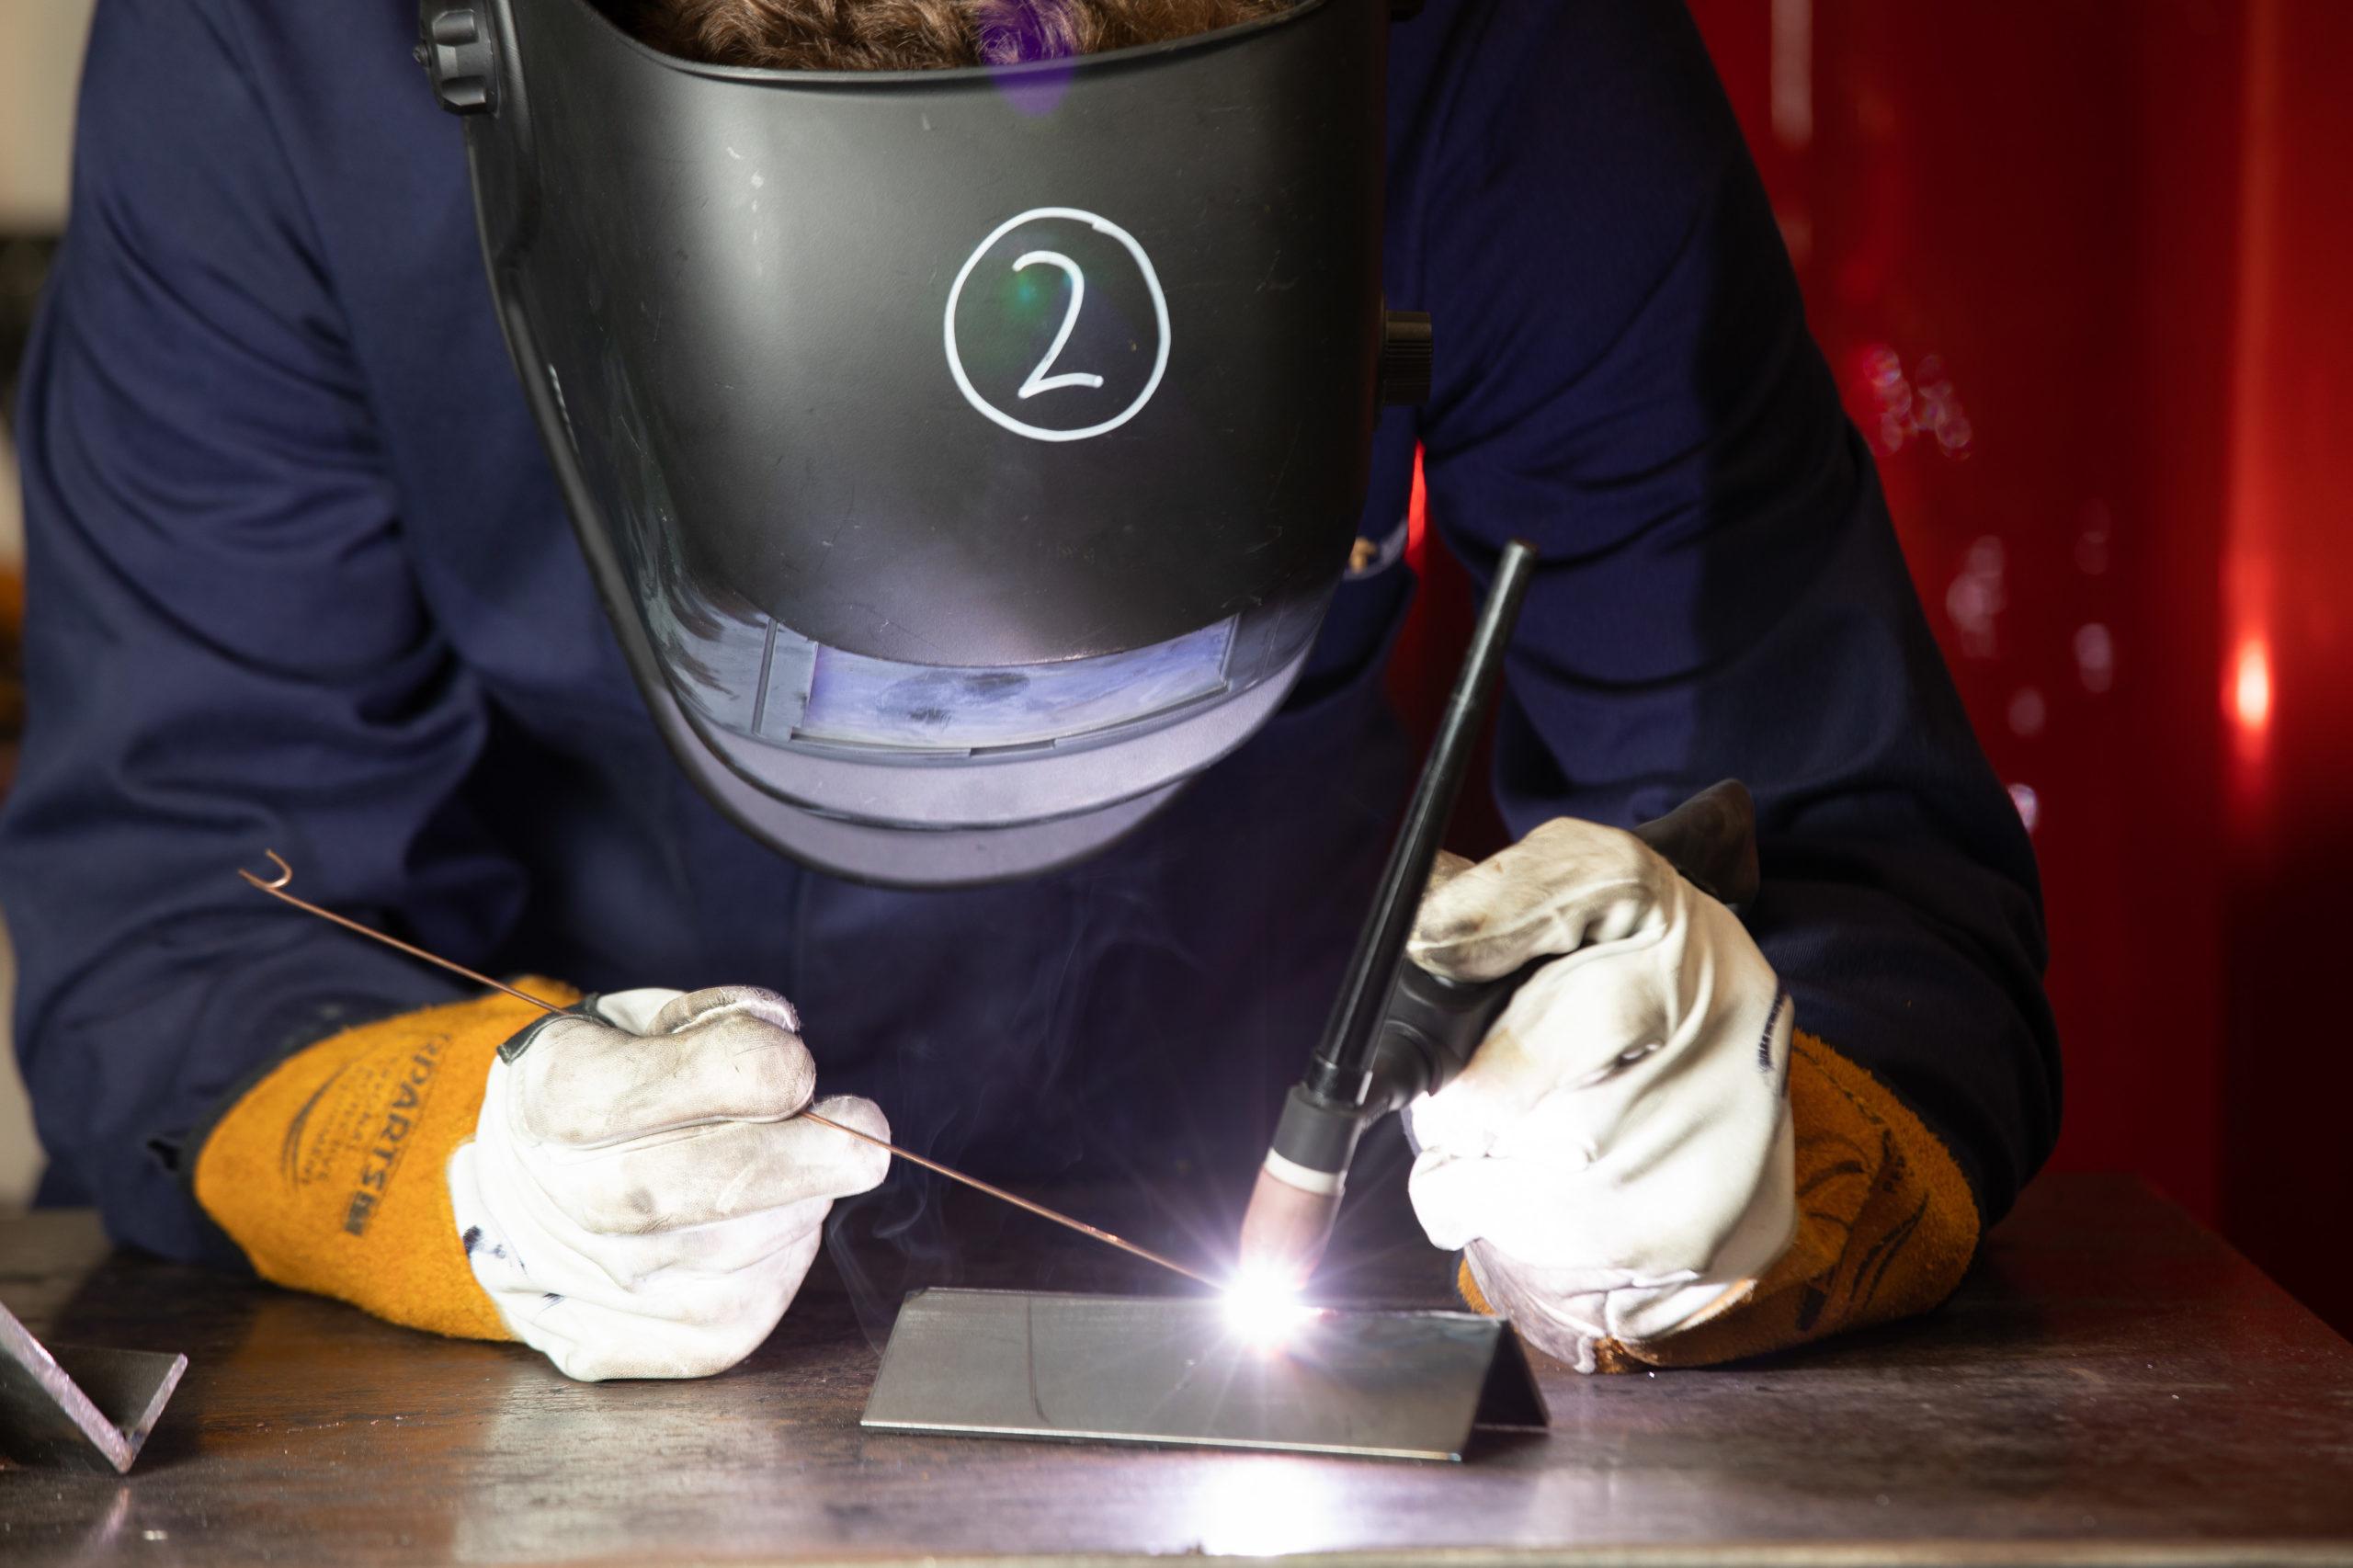 Toolmaker and Tool & Die Maintenance Technician apprentice welding